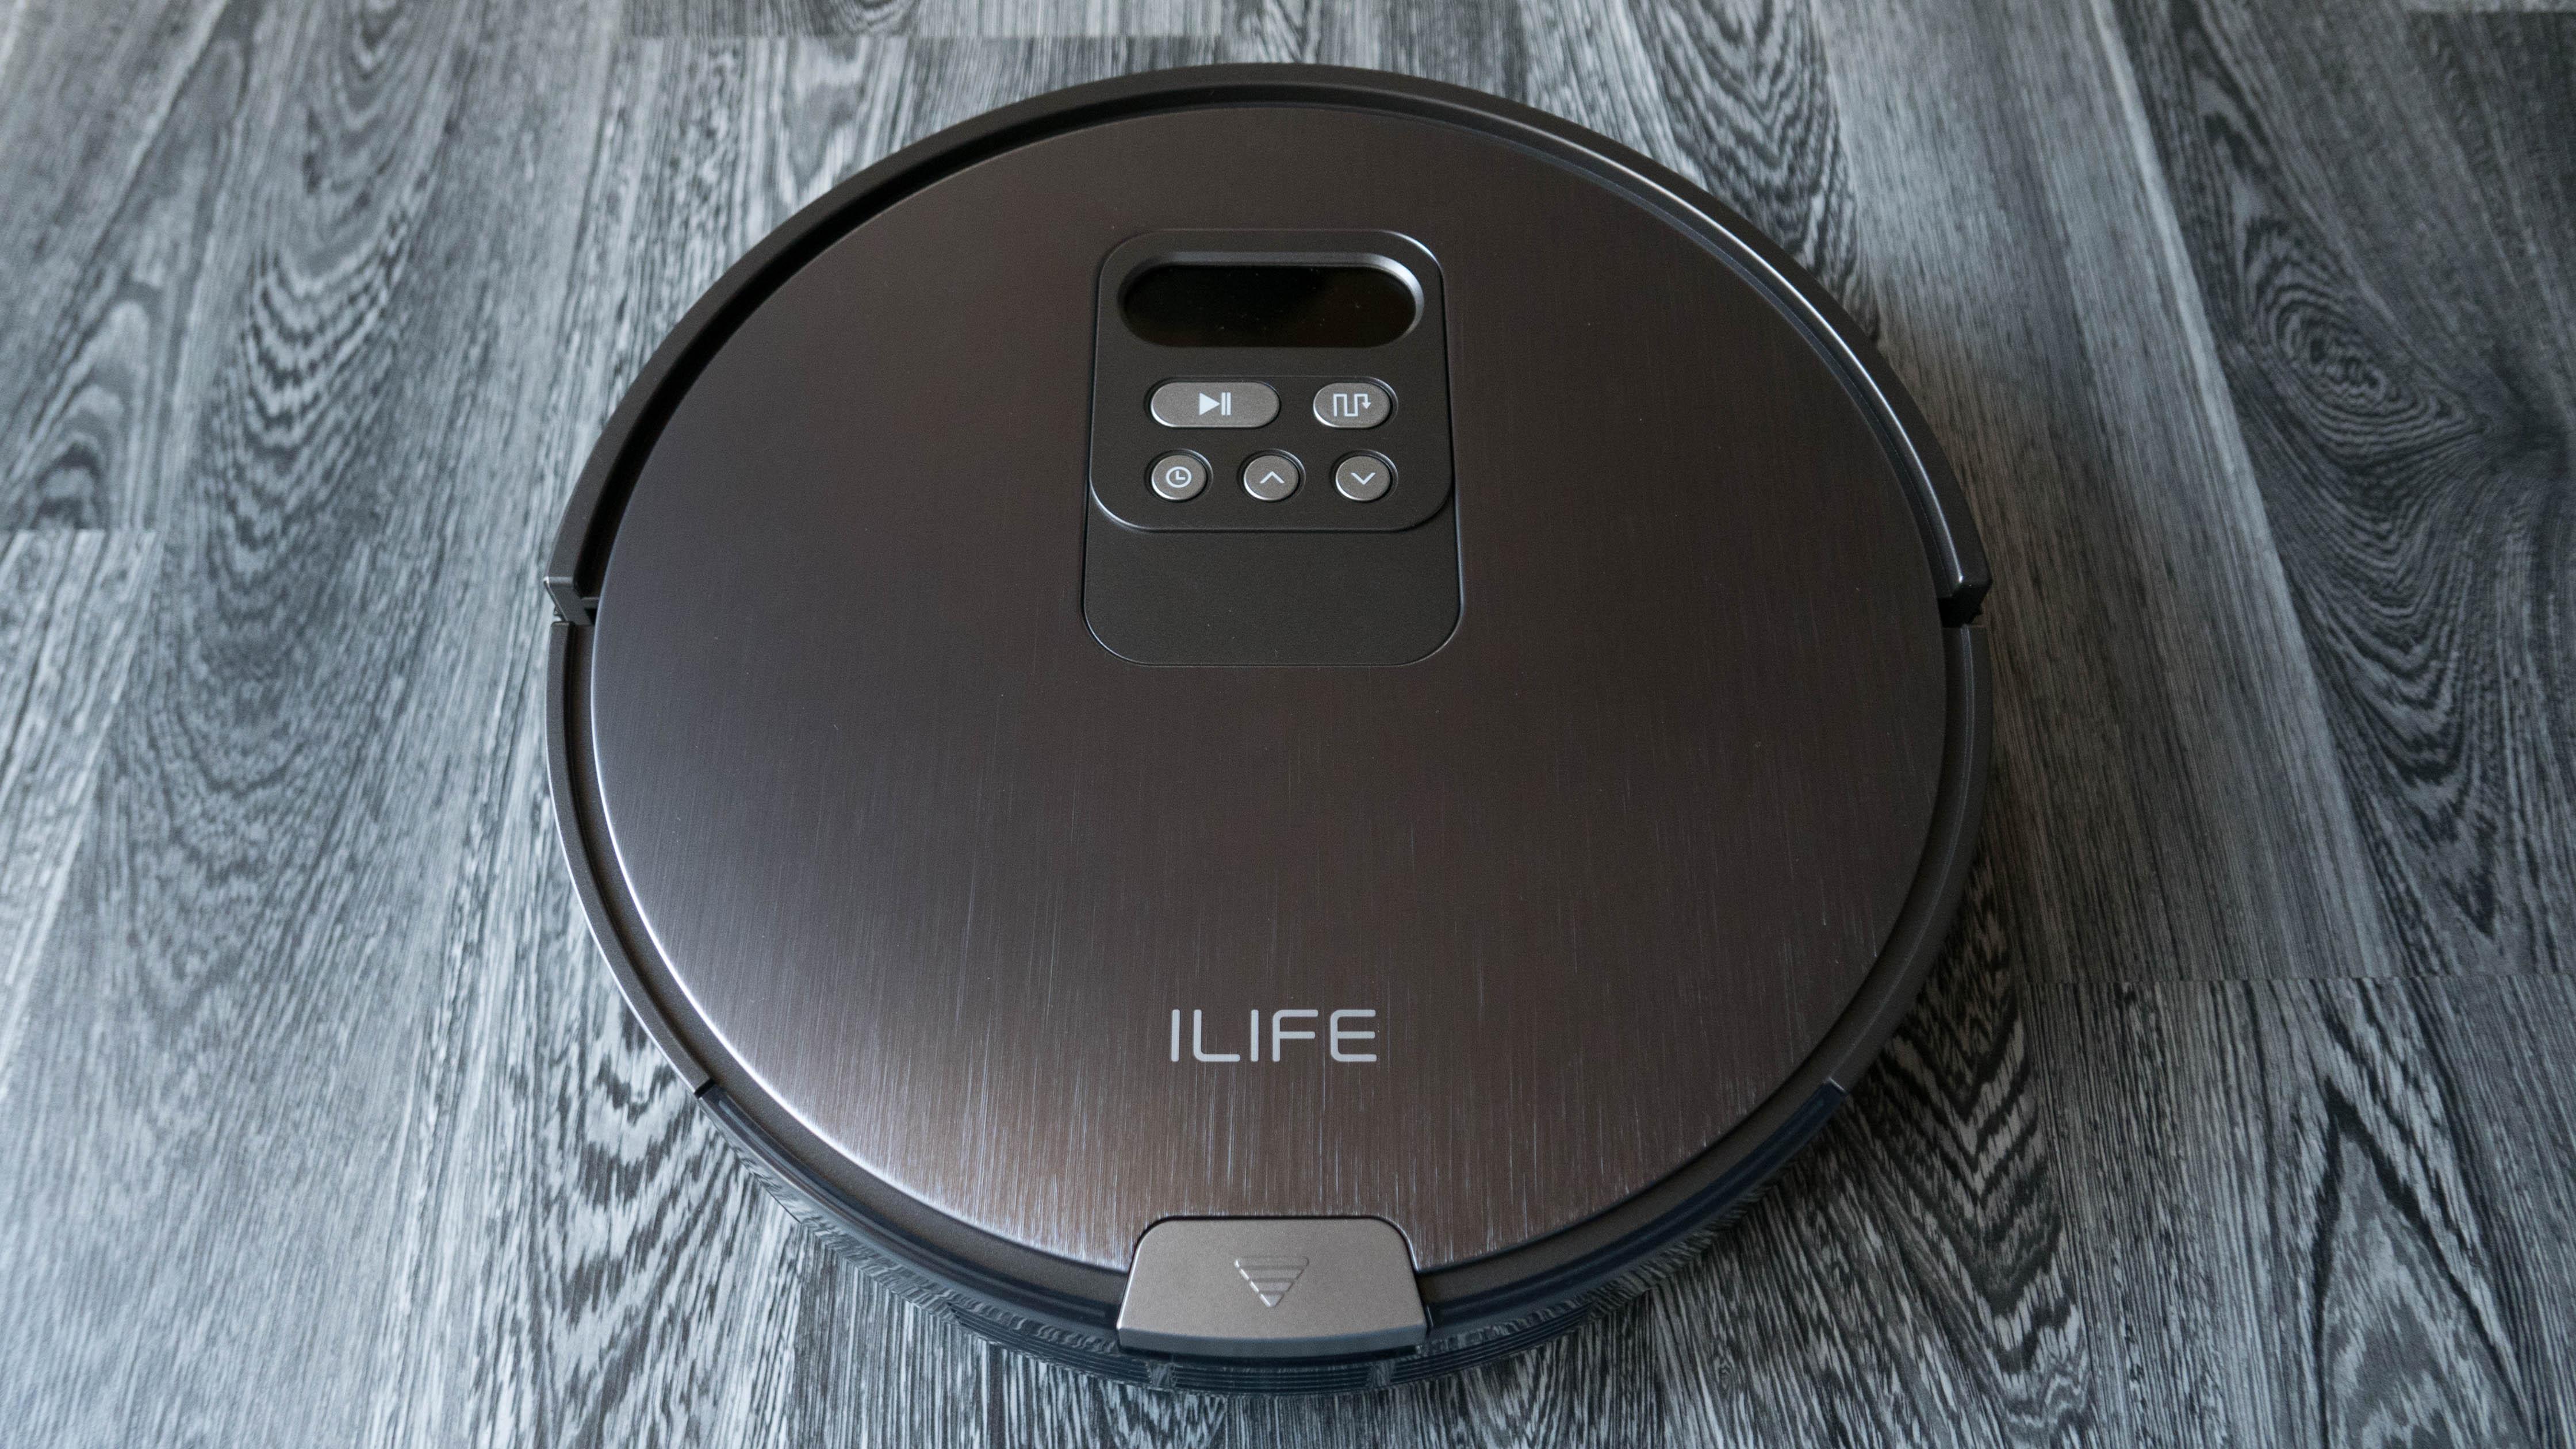 ILIFE V80 Details 1